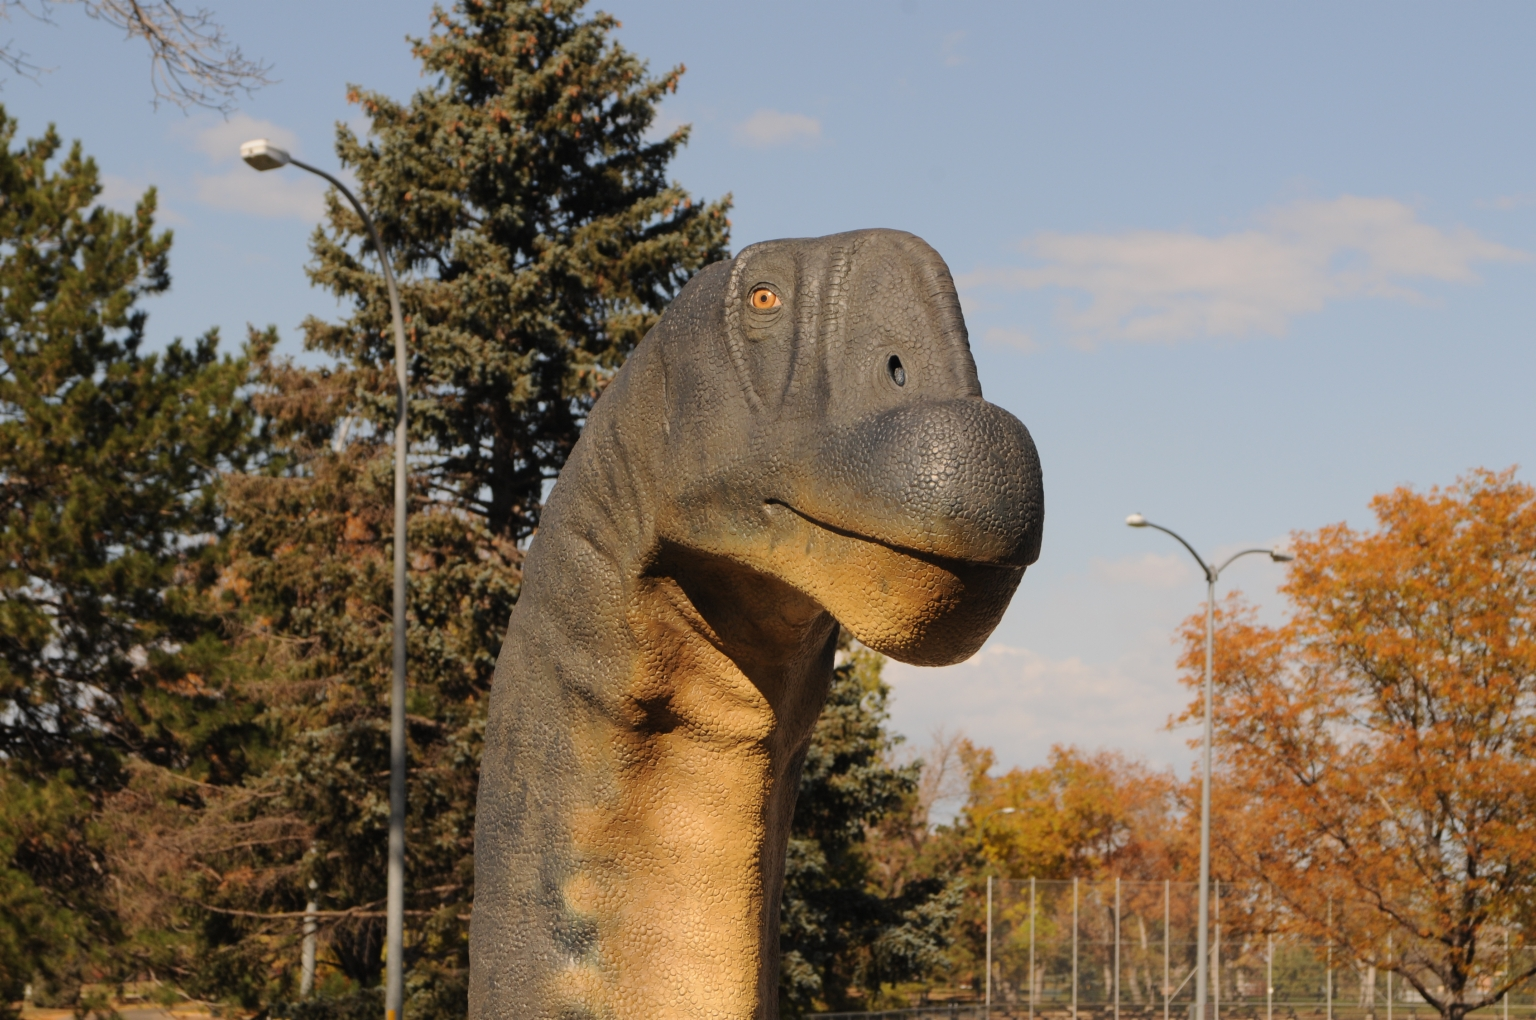 Installation of Dinosaur Sculptures in Parking Garage